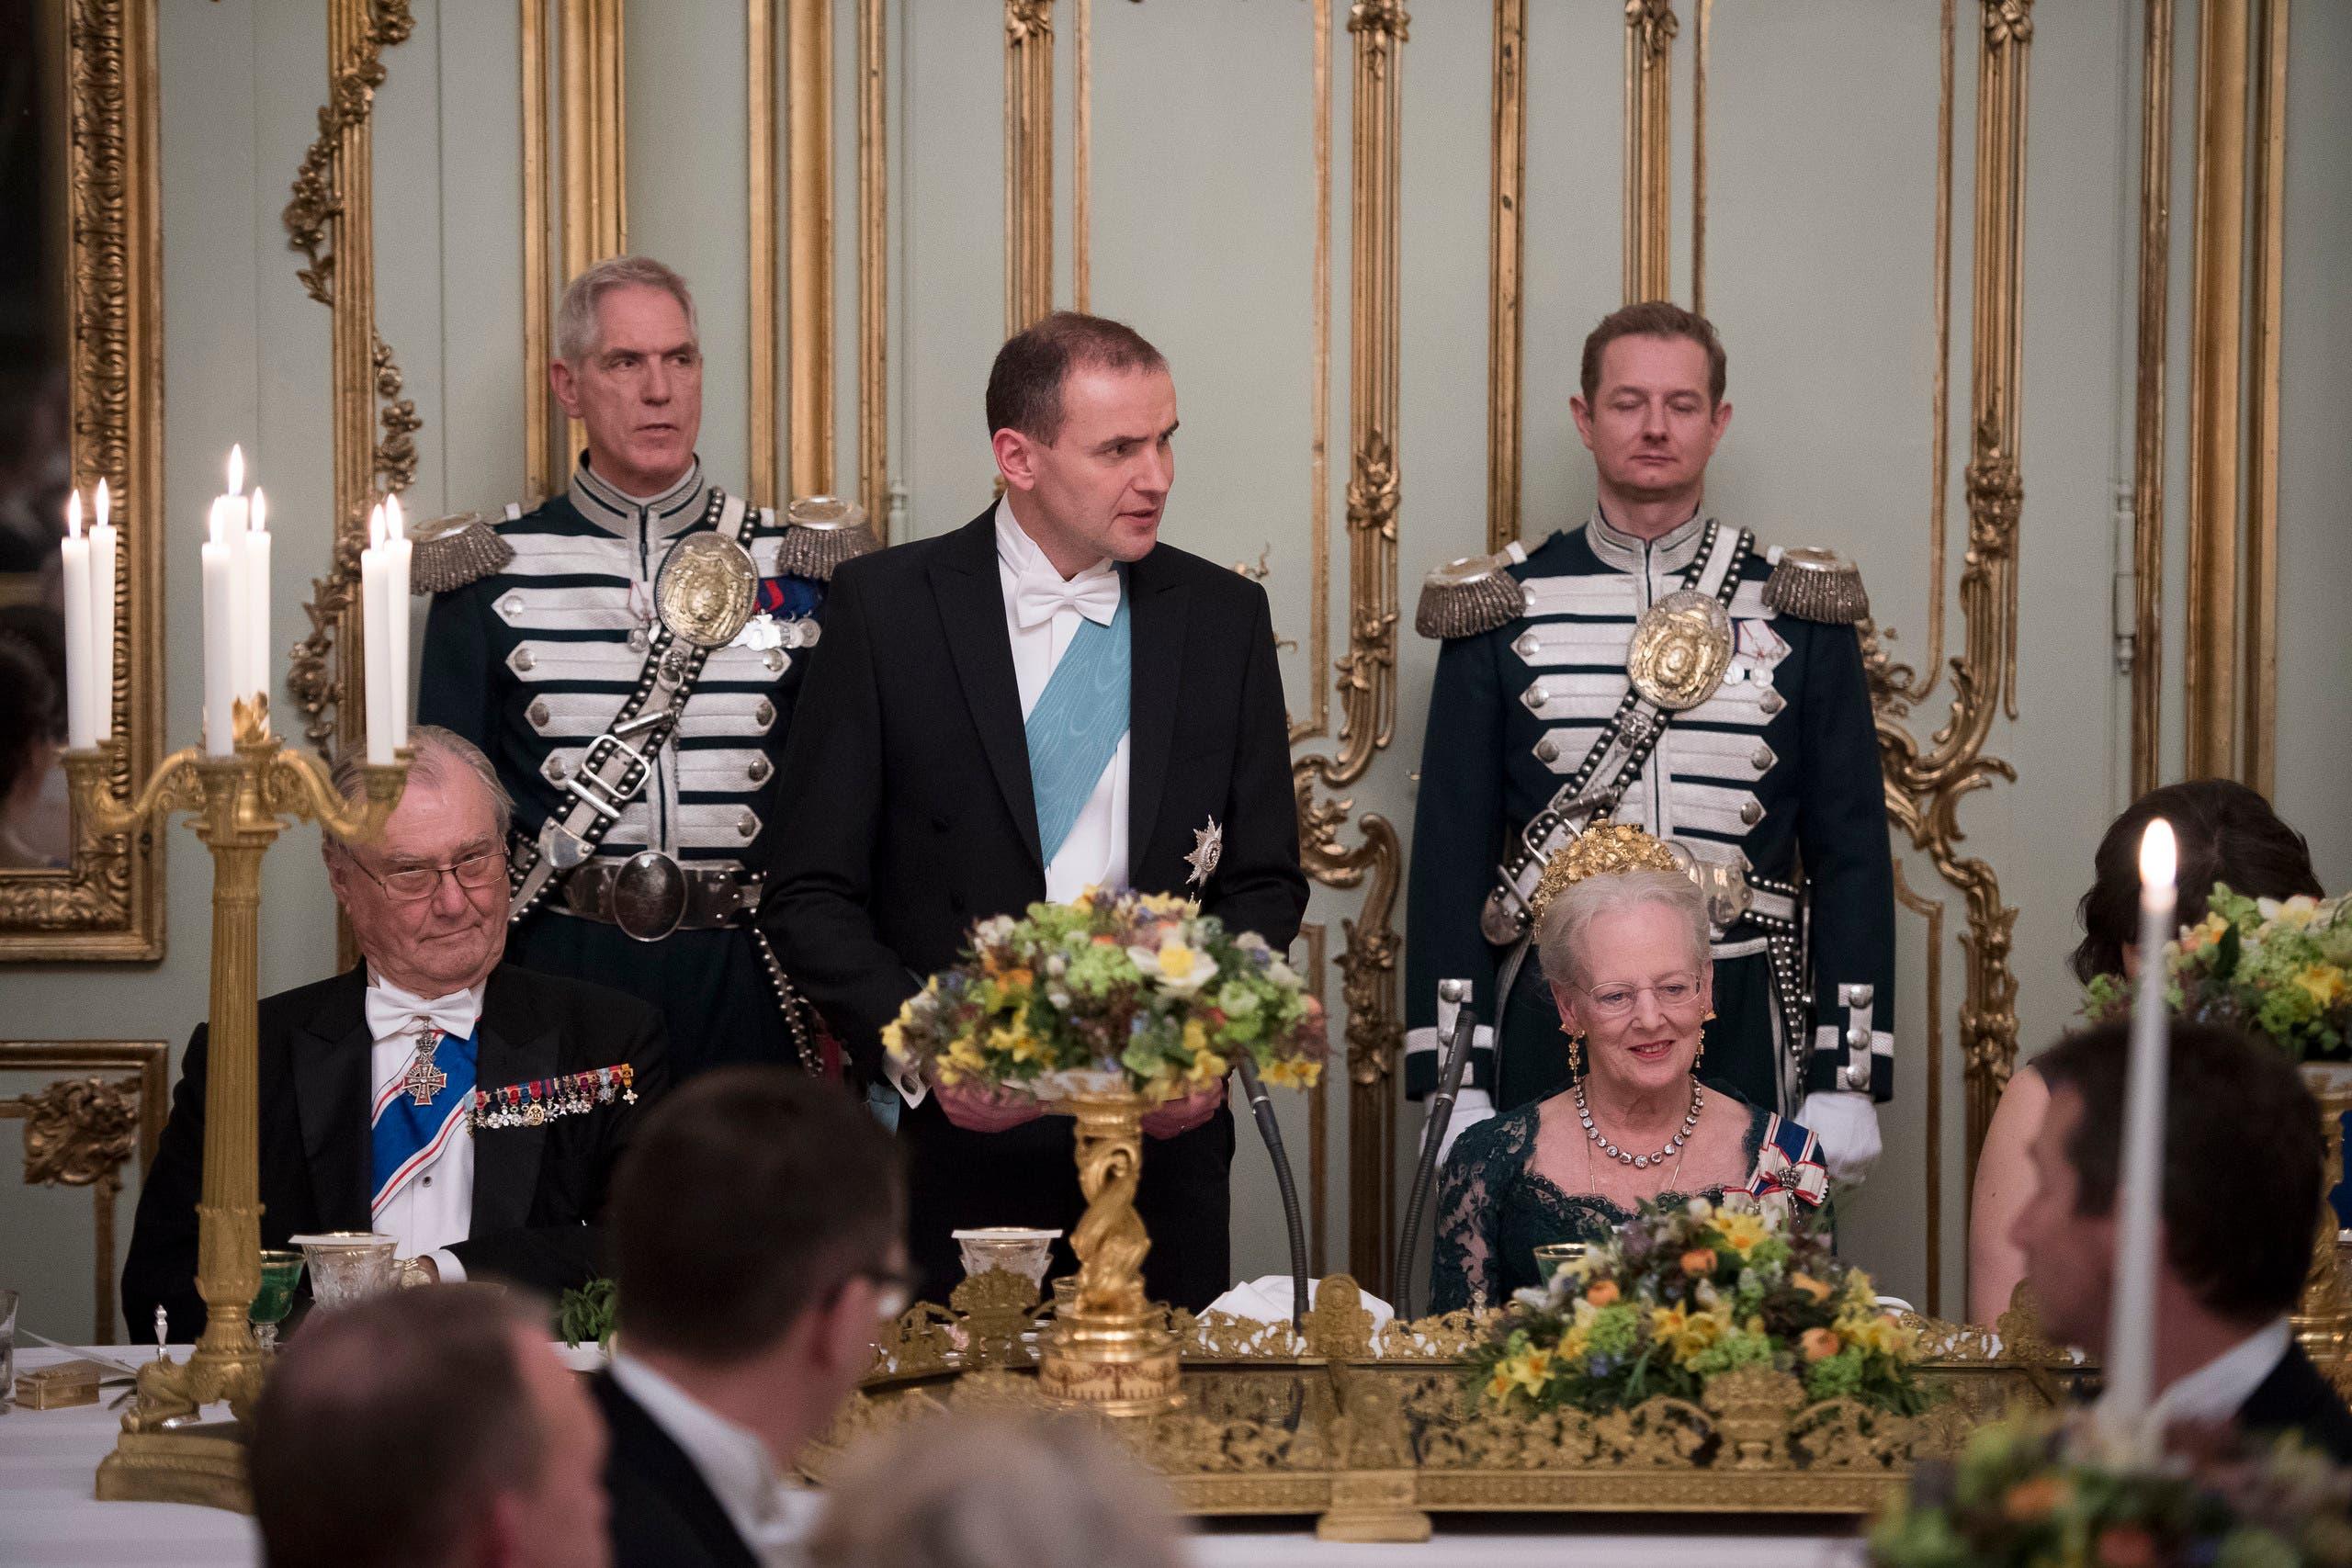 الأمير هنريك مع زوجته الملكة مارغريت خلال مناسبة رسمية